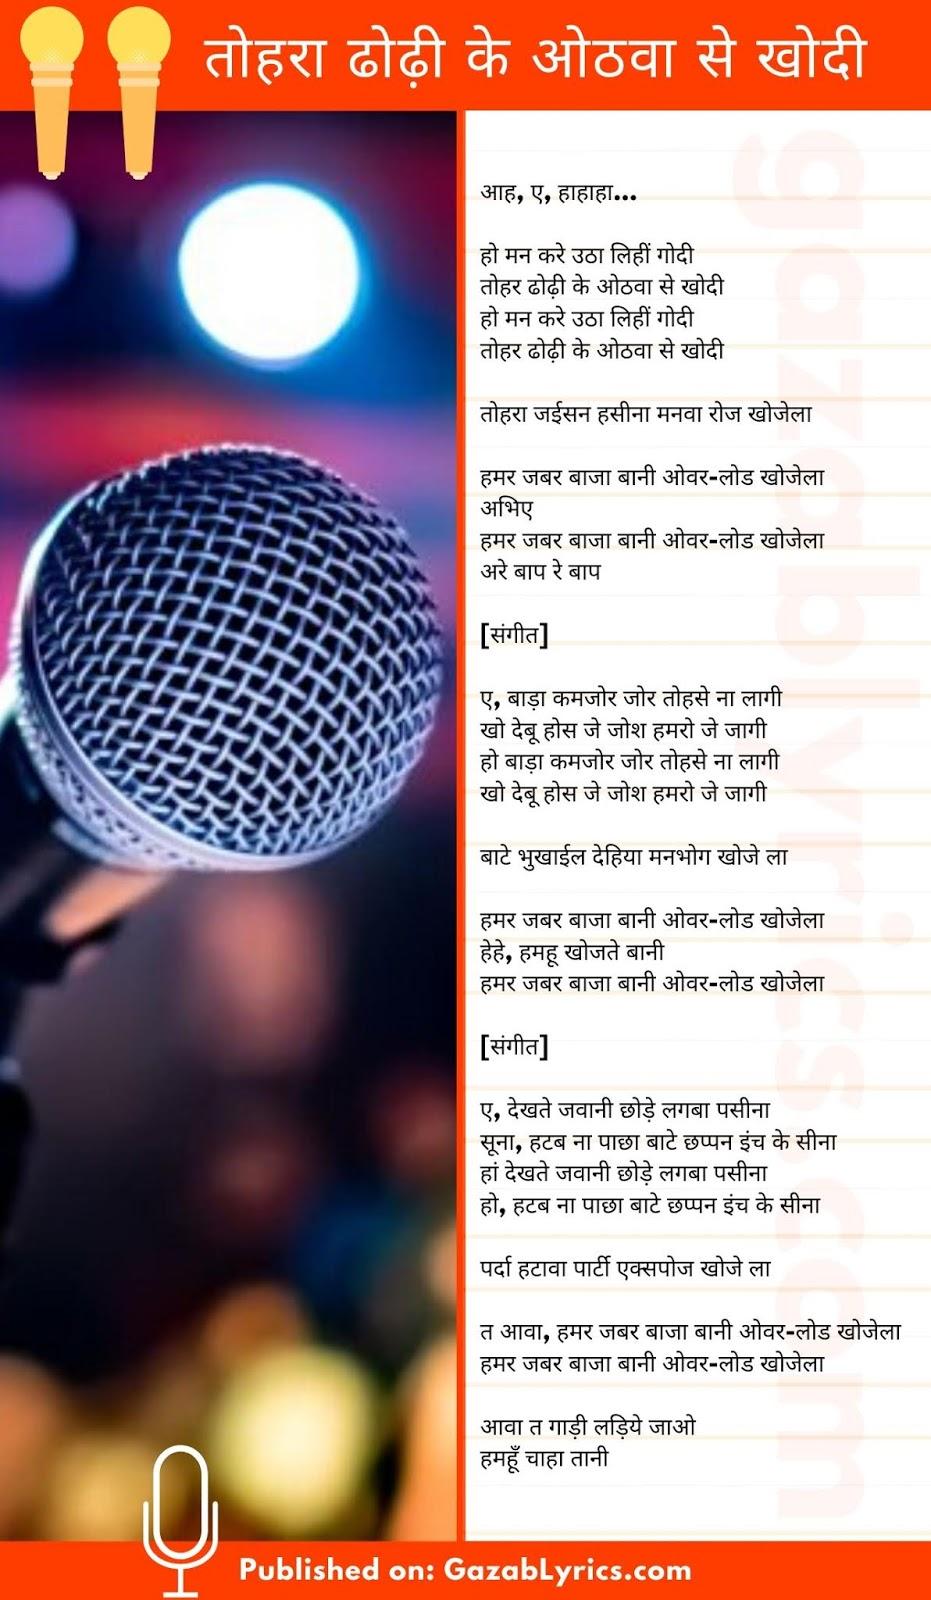 Tohra Dhodhi Ke Othawa Se Khodi song lyrics image